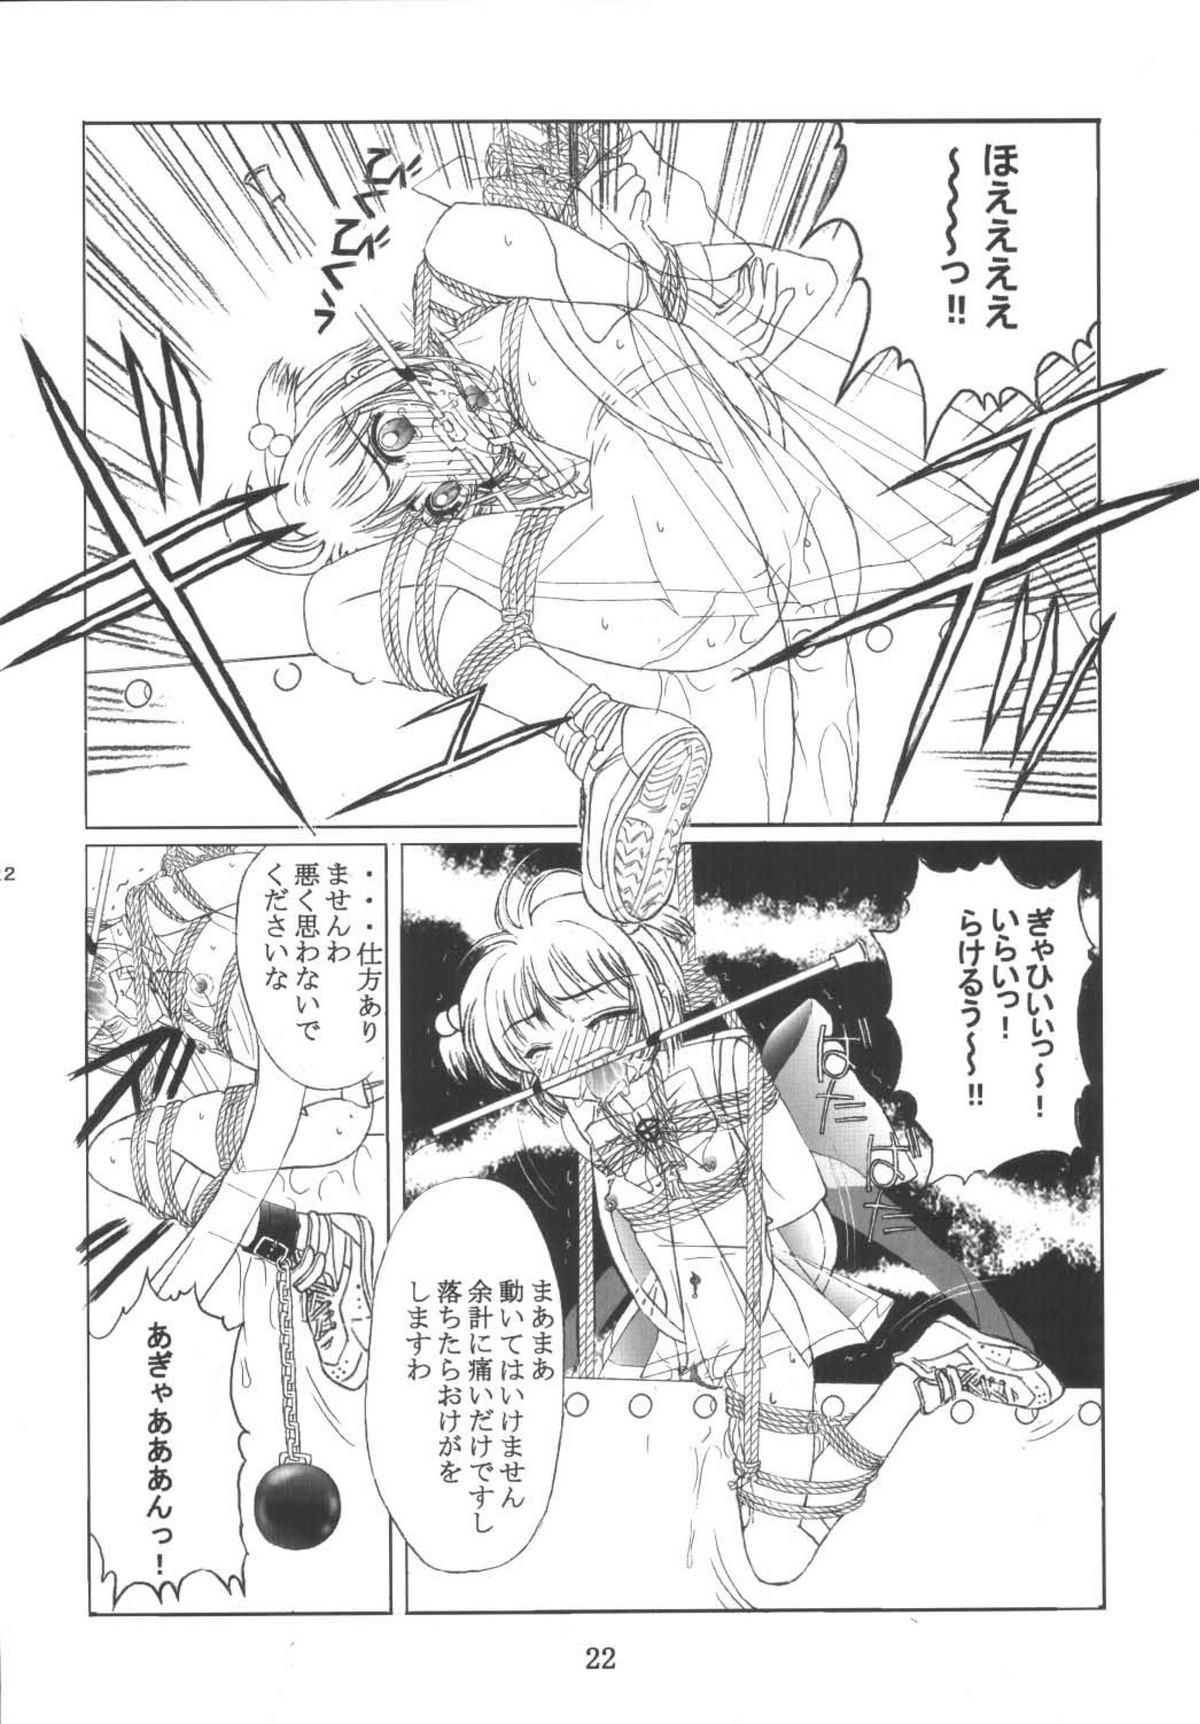 Kuuronziyou 10 Sakura-chan de Asobou 5 21